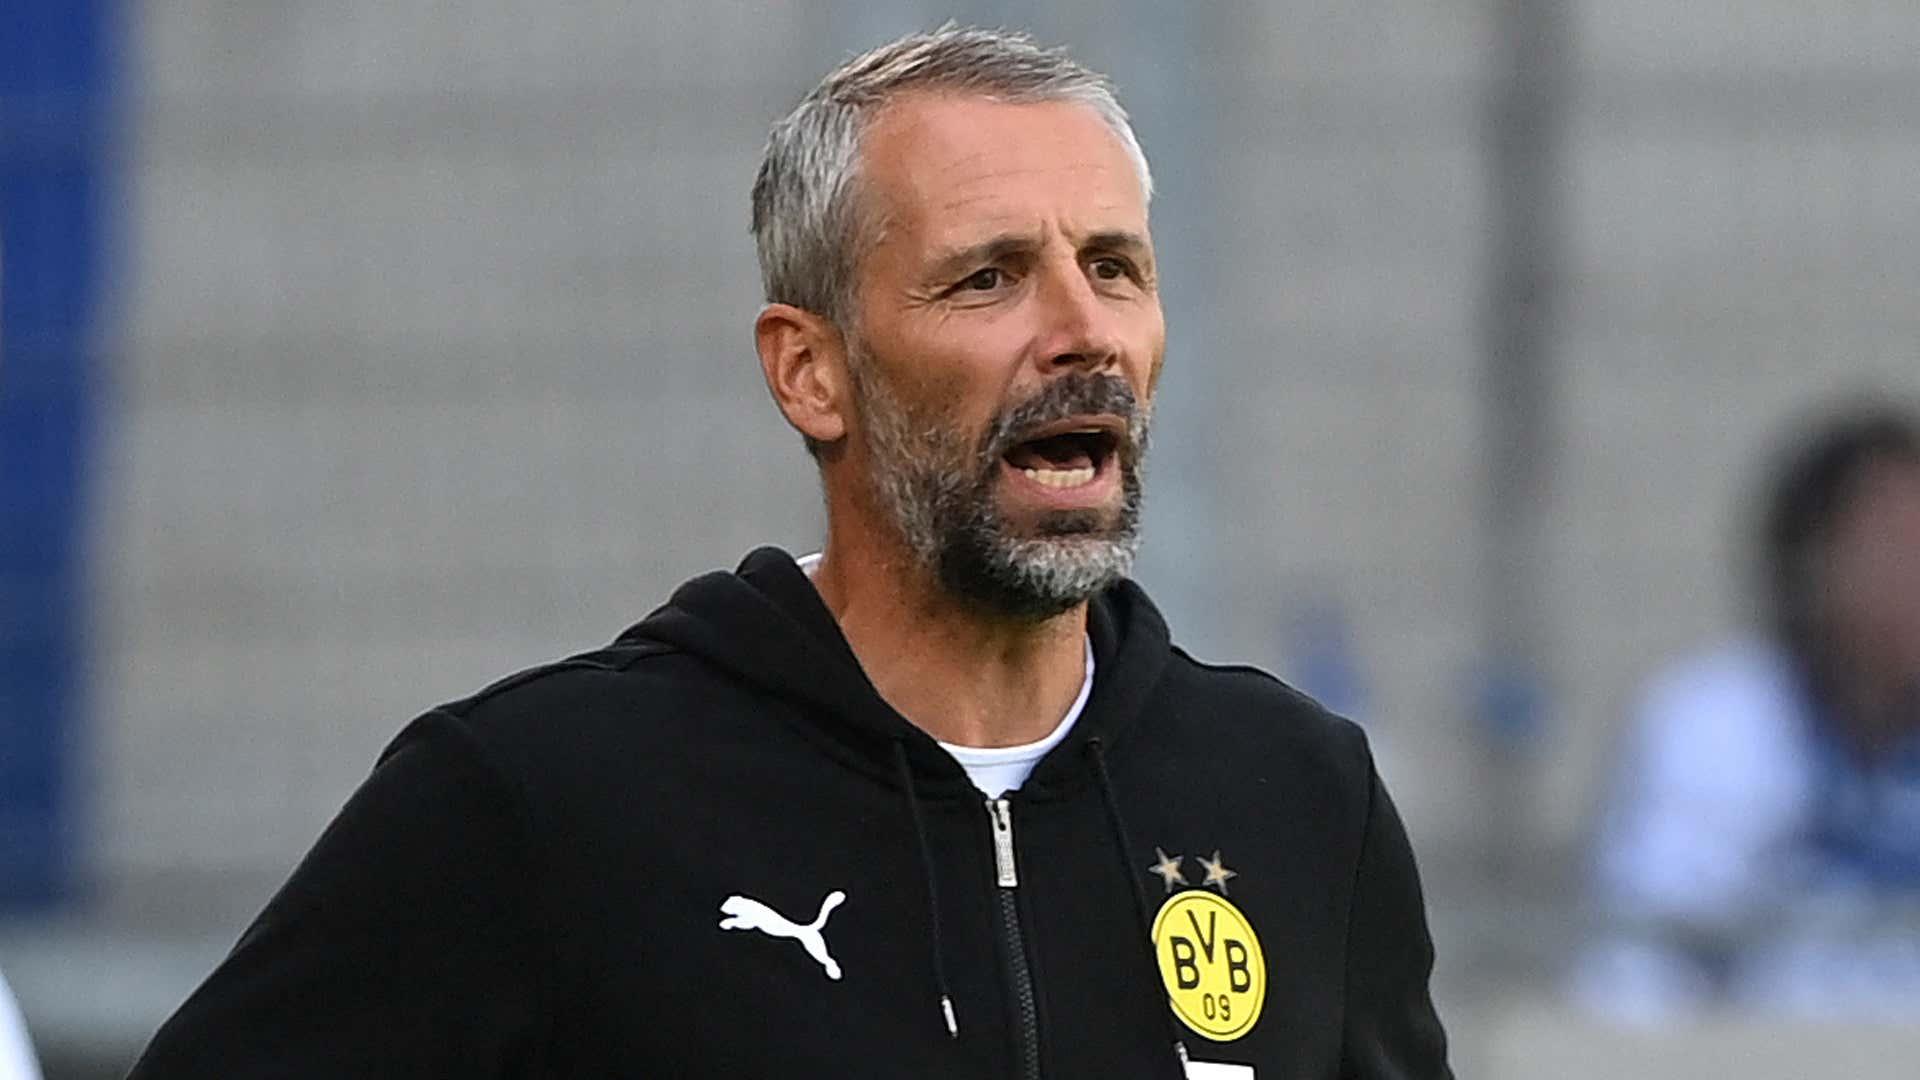 Arminia Bielefeld vs. Borussia Dortmund Live-Kommentar und Ergebnis, 23.10.21, Bundesliga | Goal.com